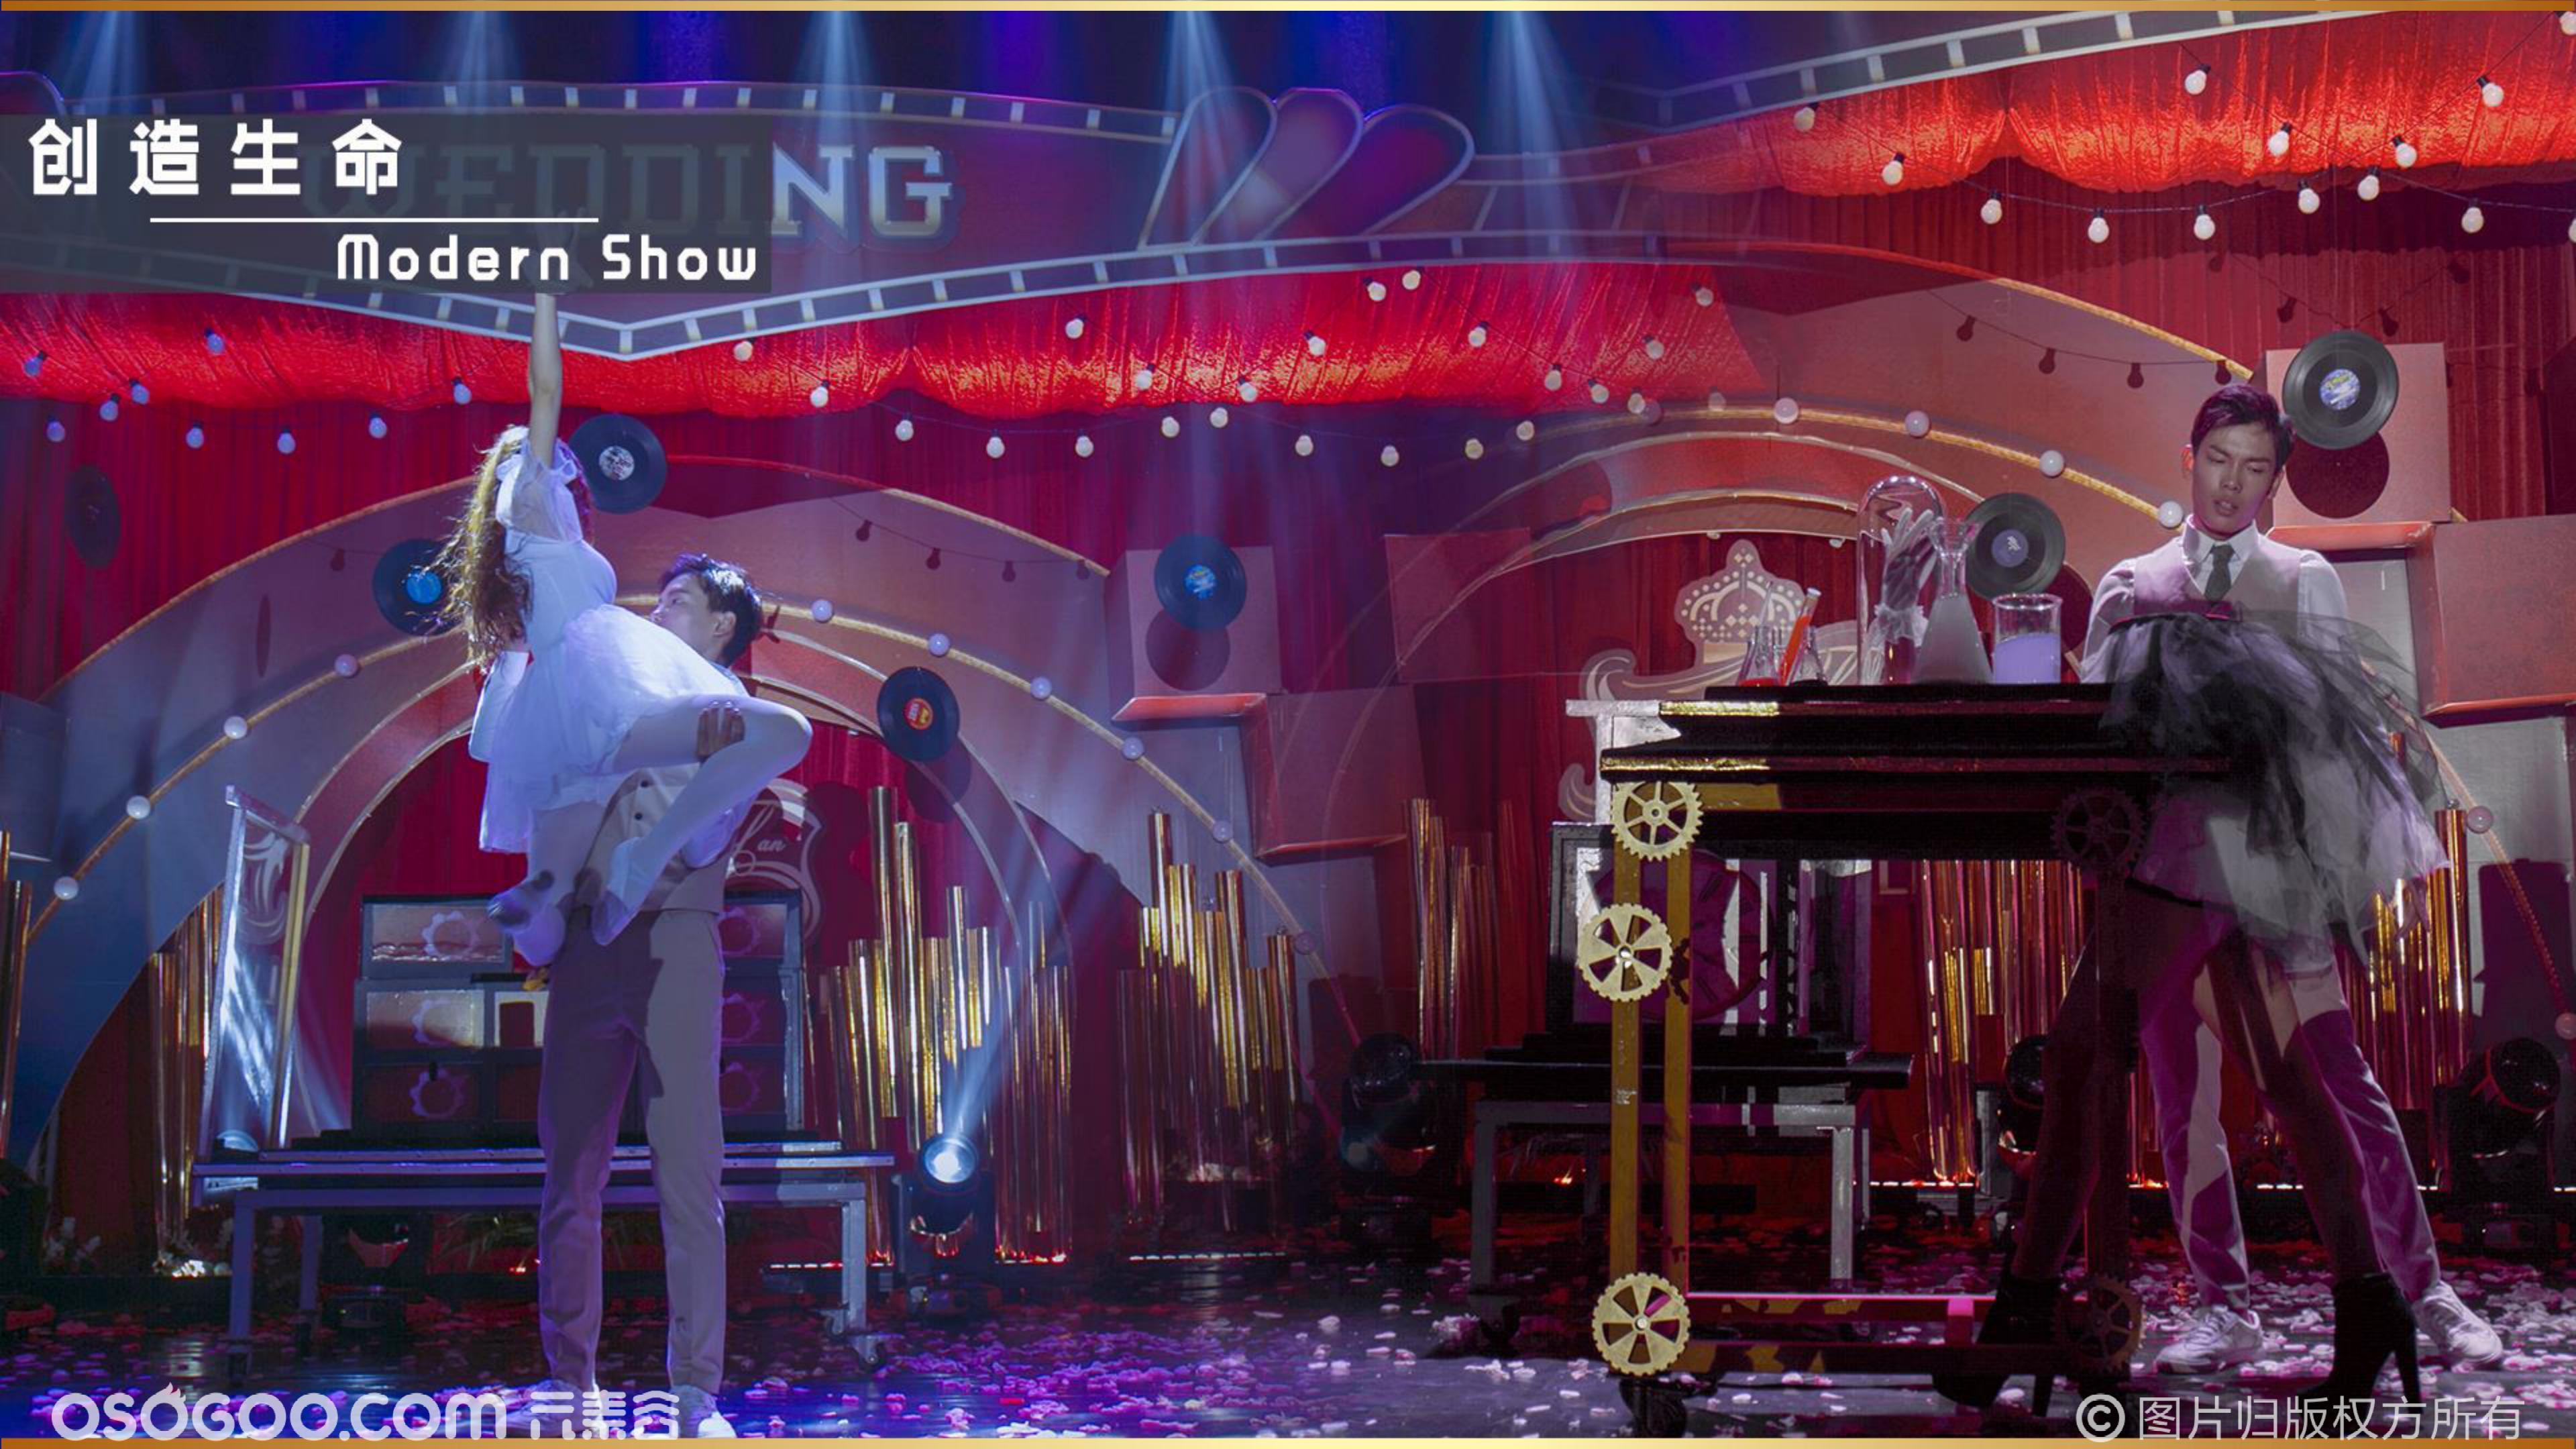 百老汇风格大型情景魔术秀